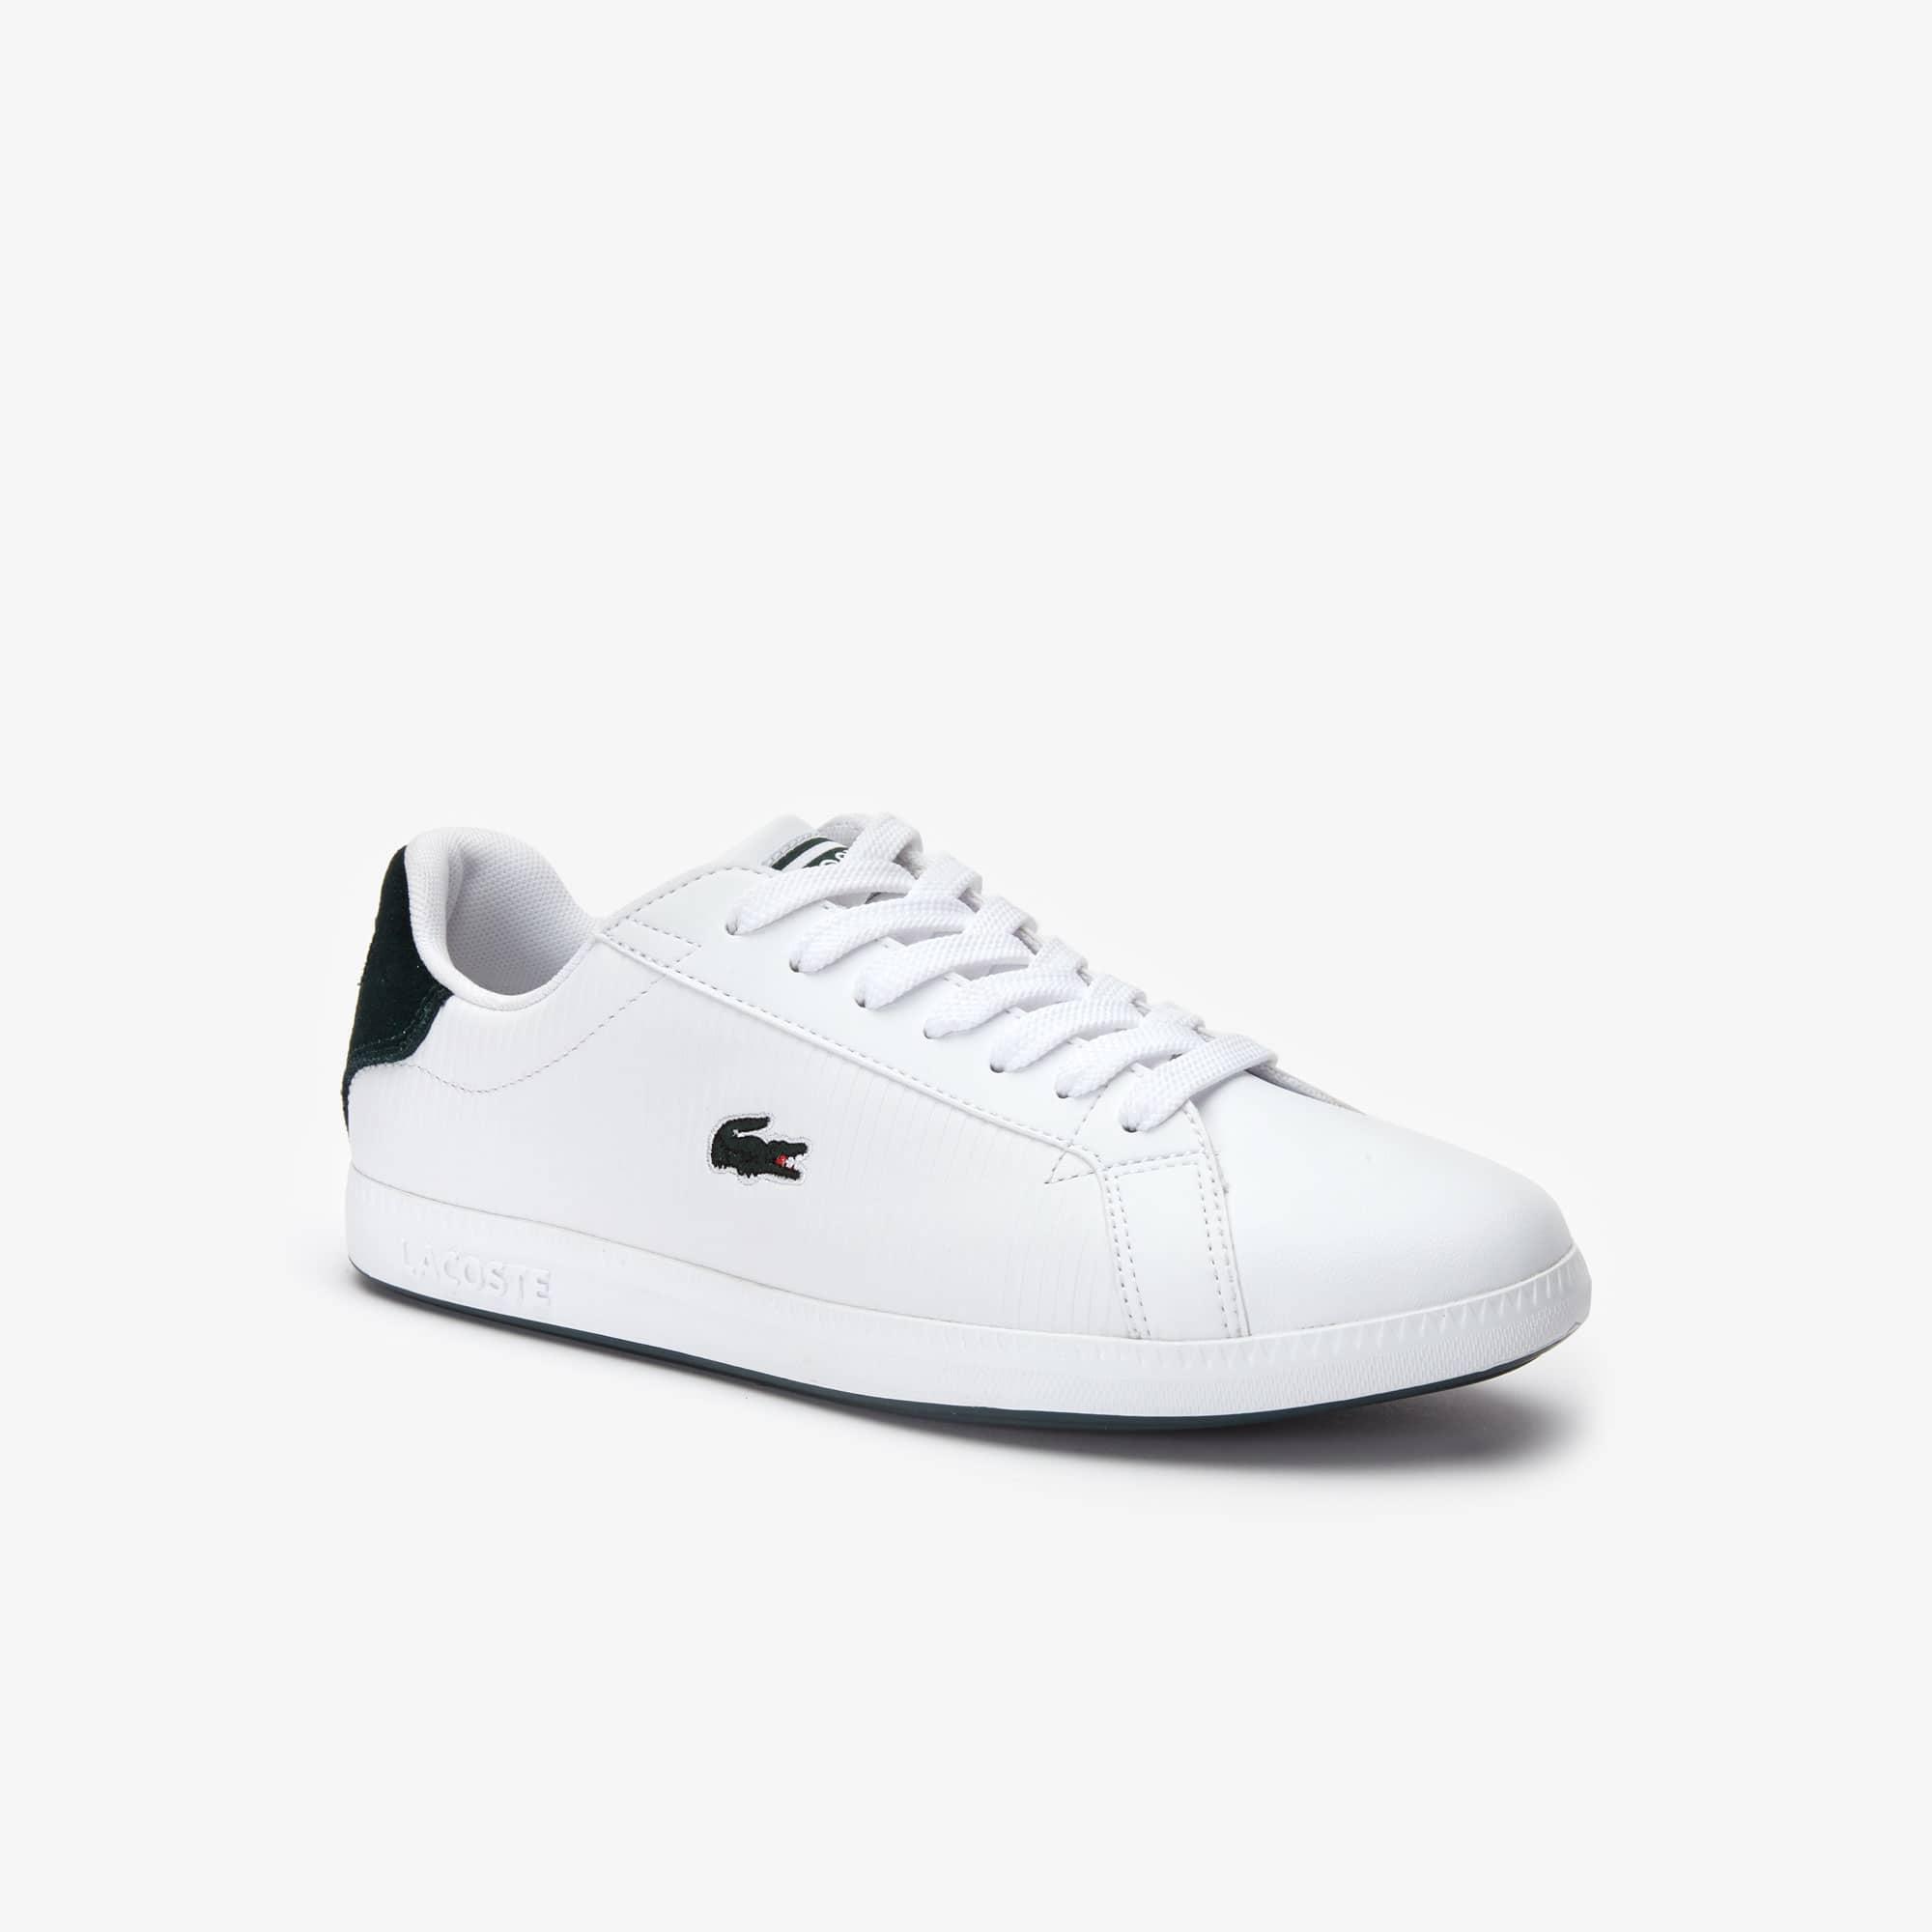 najlepsza wyprzedaż kup tanio butik wyprzedażowy Women's Graduate Leather Sneakers